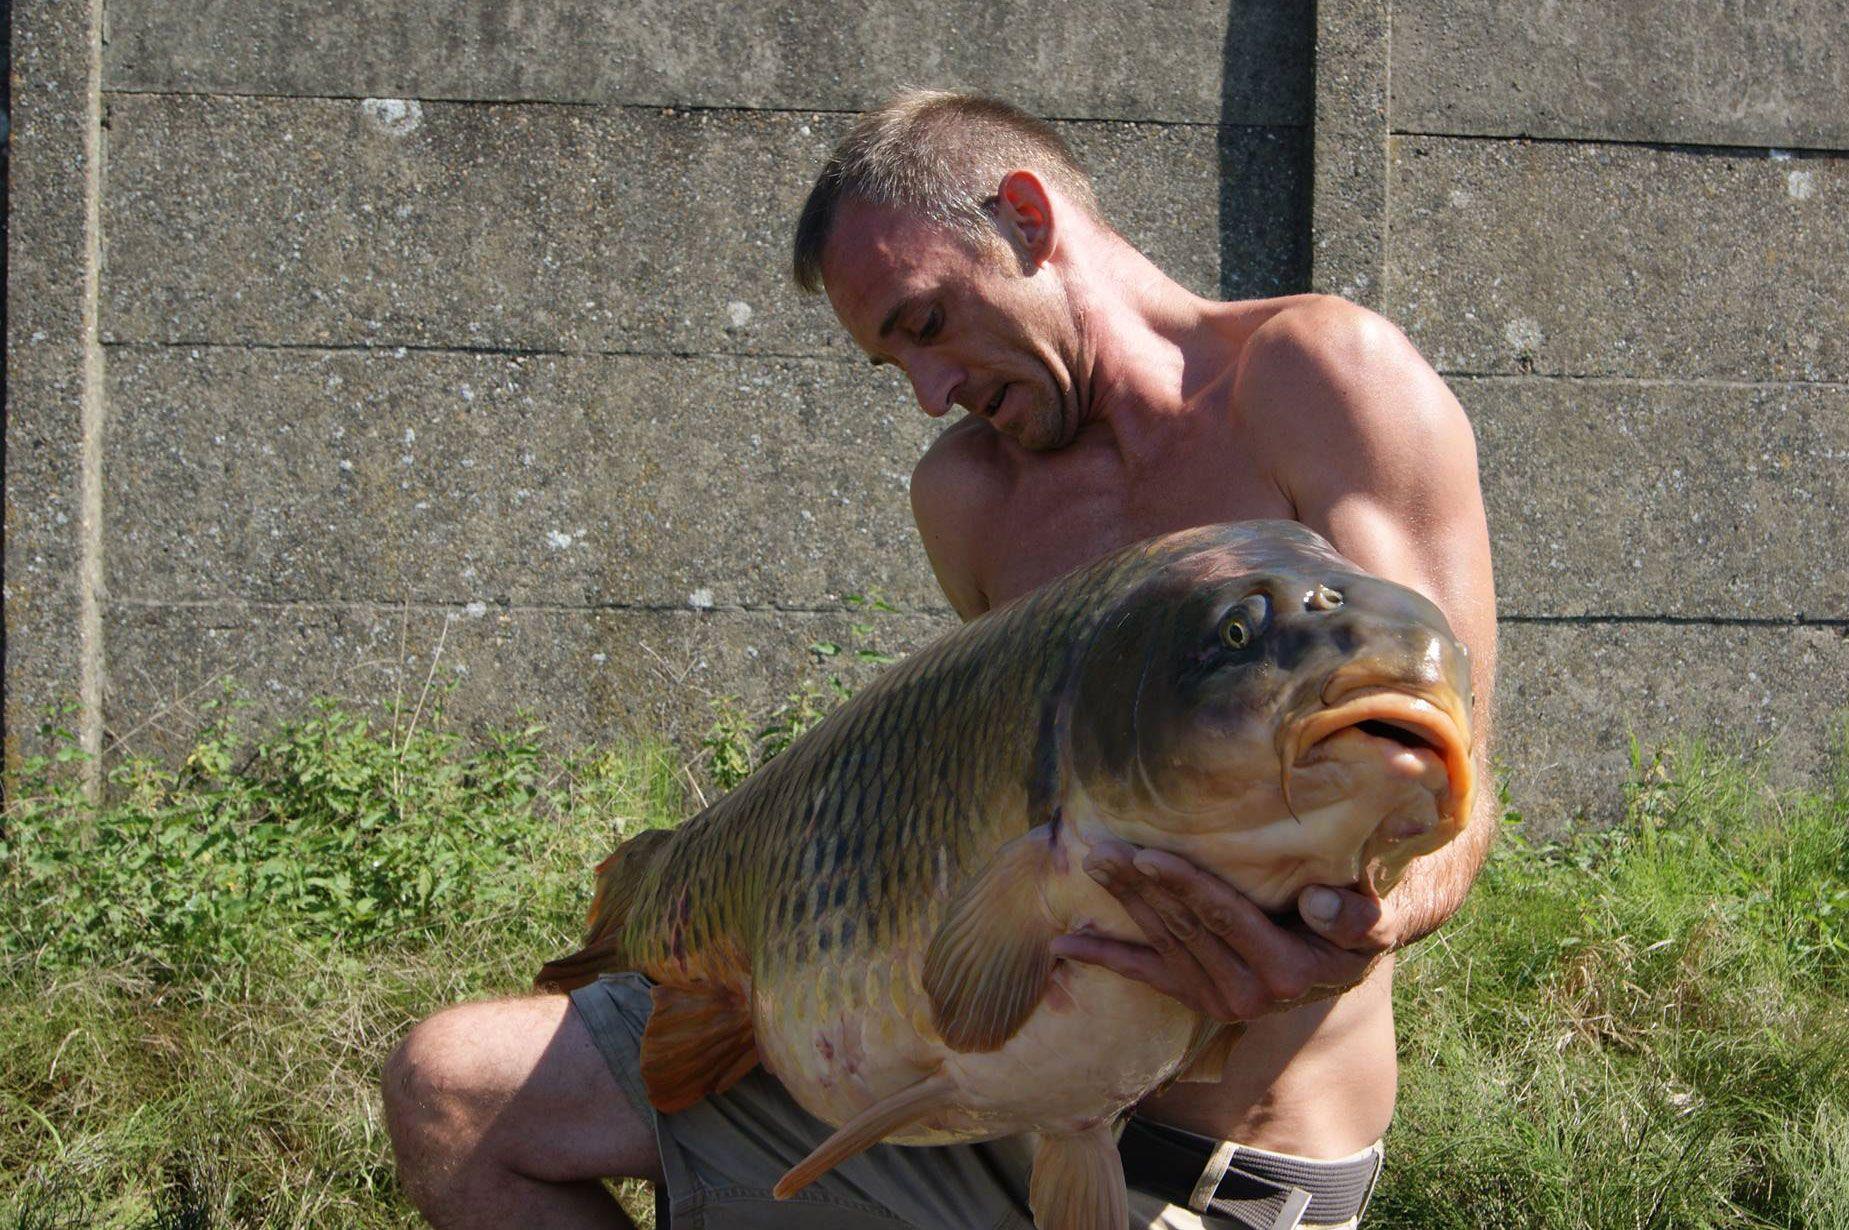 Helaas is de foto niet van de allerbeste kwaliteit. Toch is duidelijk te zien dat het om een gigantische vis gaat.